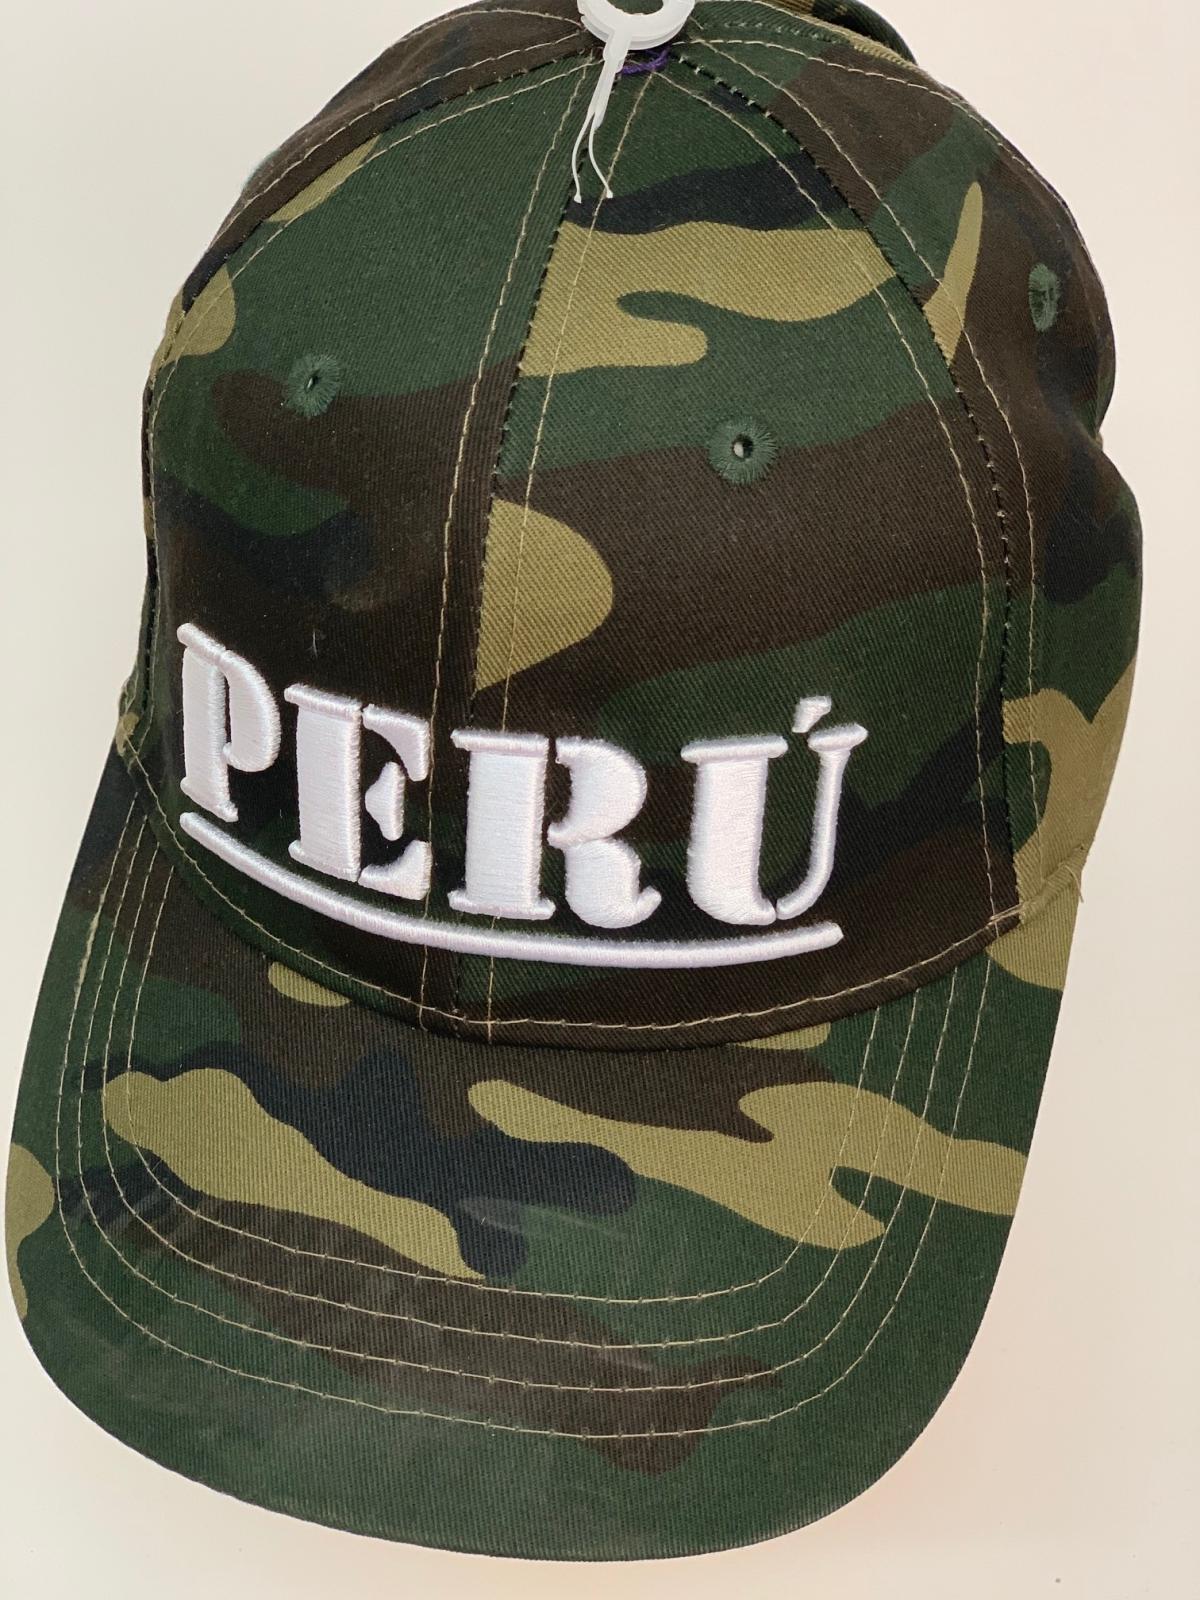 Бейсболка Perú из камуфлированной ткани